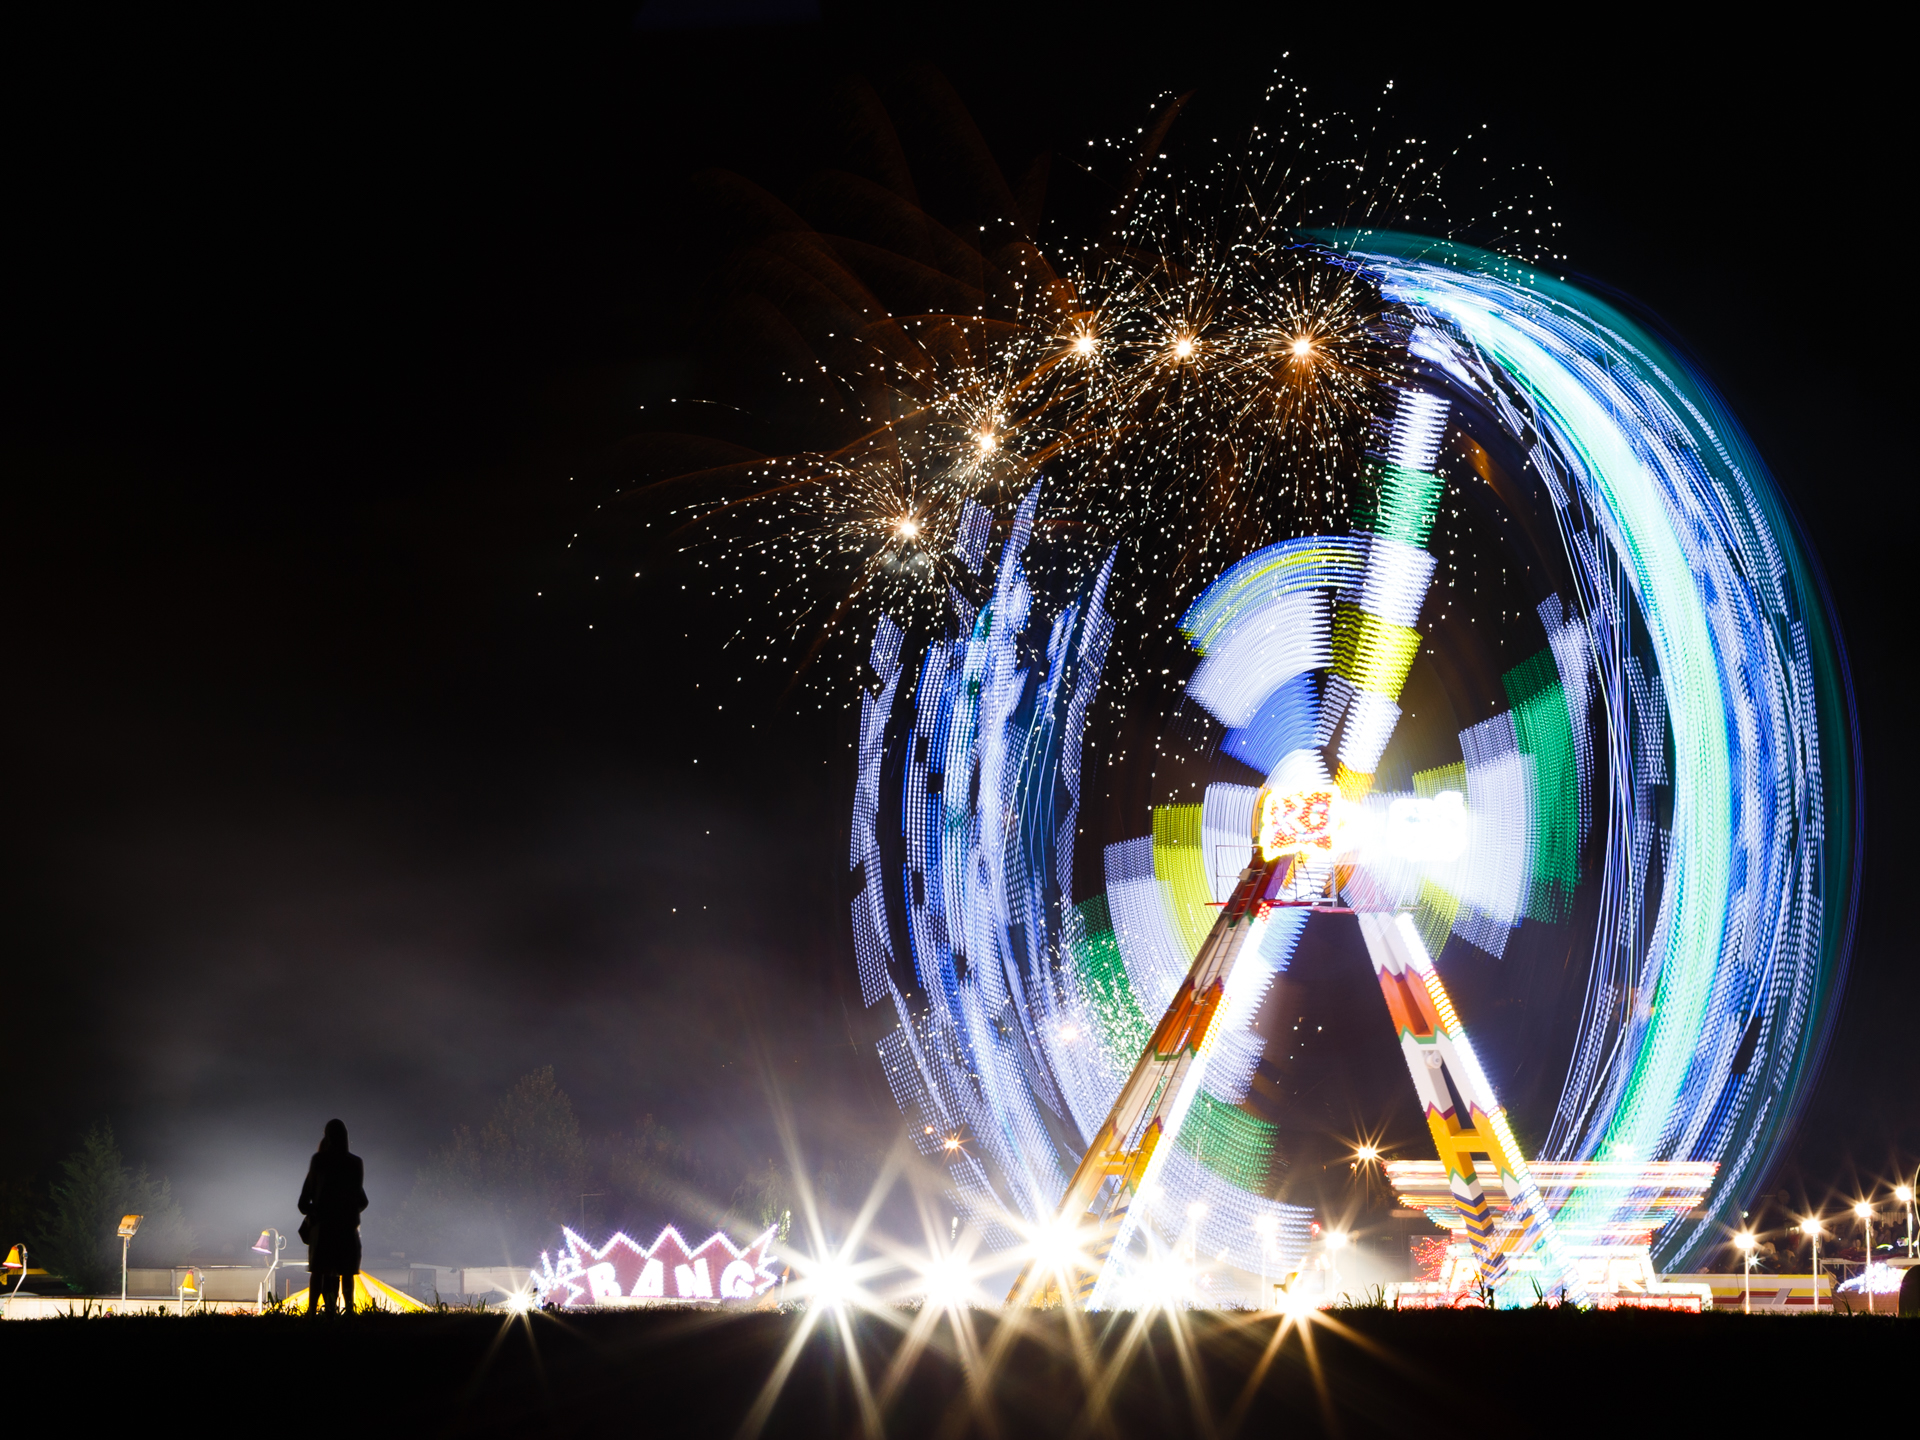 TERZA CLASS   – La ripresa, in un Luna Park in piena funzione, illumina la notte e la vita si lascia inebriare dalle velocità delle attrazioni sempre nuove e dal loro sfavillio di luci e colori. L'immagine è attraente, viene da pensare al clangore di mus